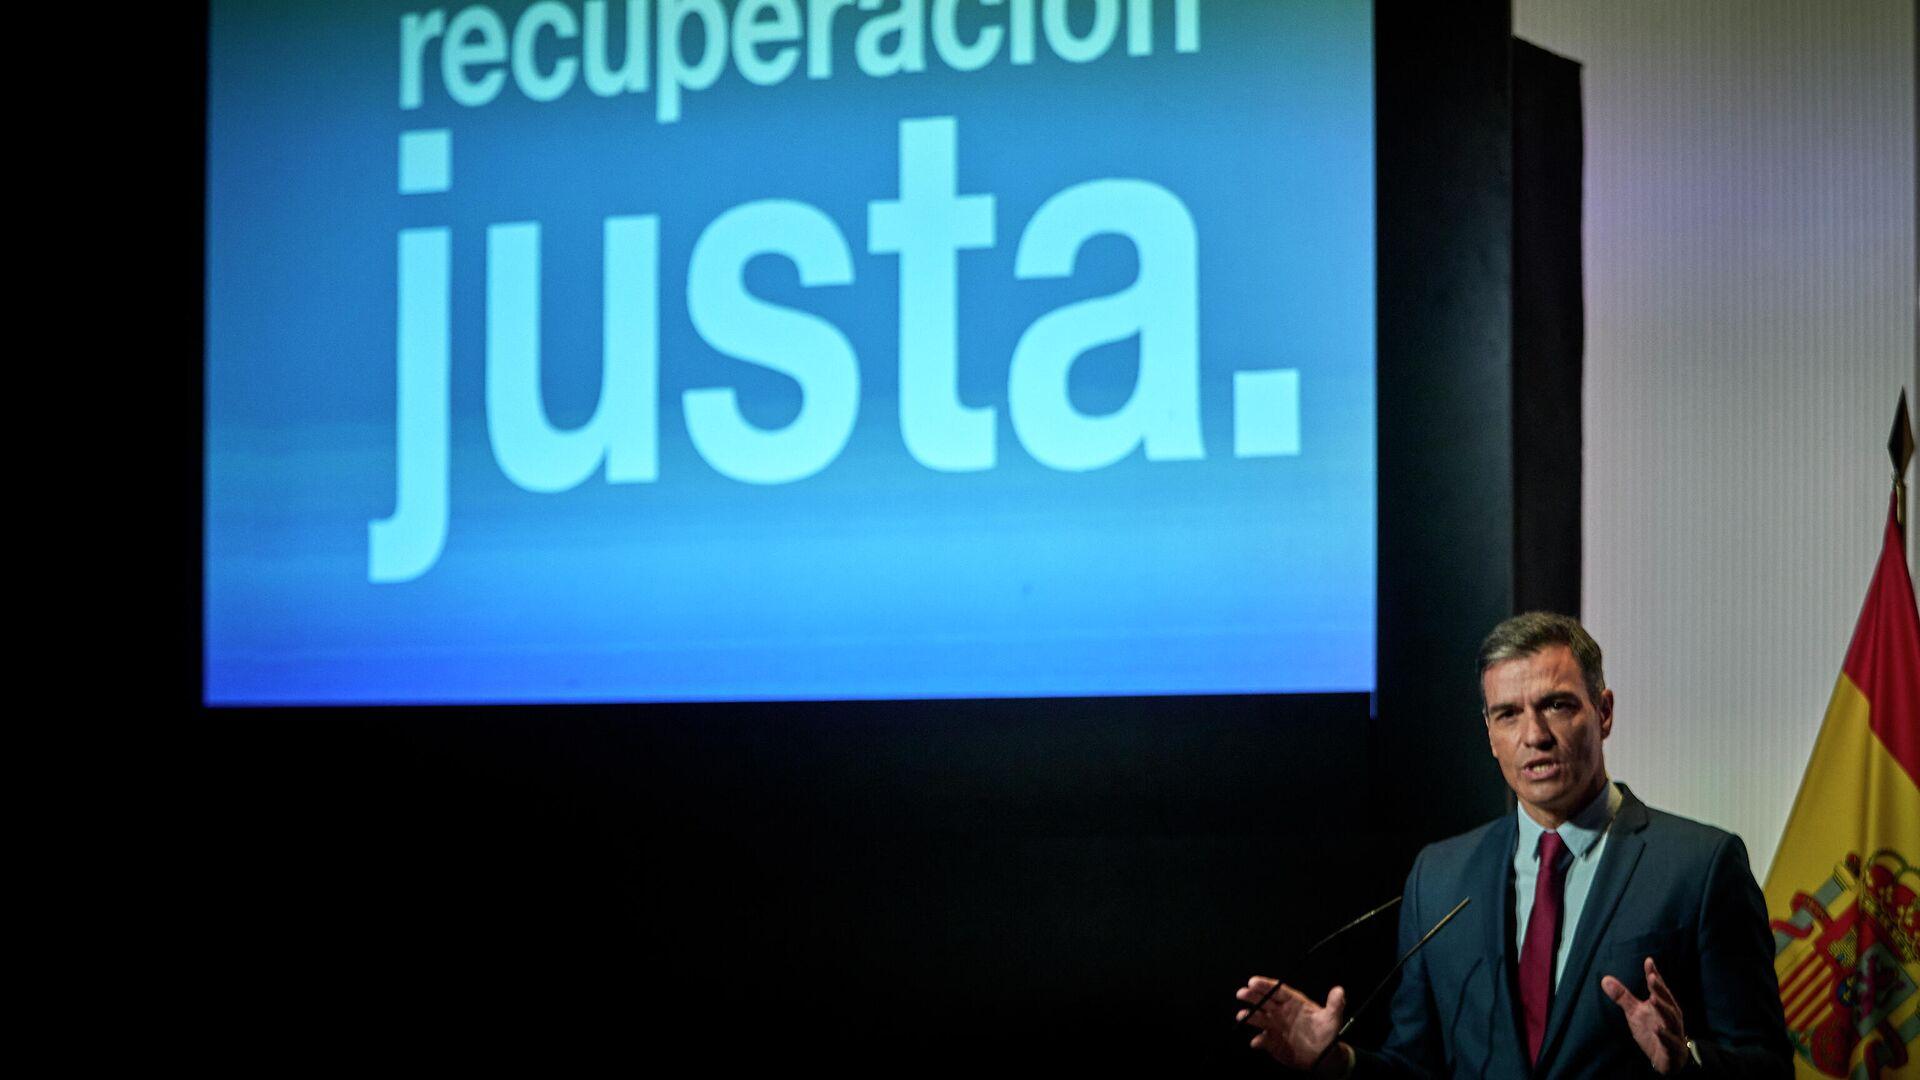 El presidente del Gobierno, Pedro Sánchez, interviene en un acto para abrir el nuevo curso político. - Sputnik Mundo, 1920, 01.09.2021